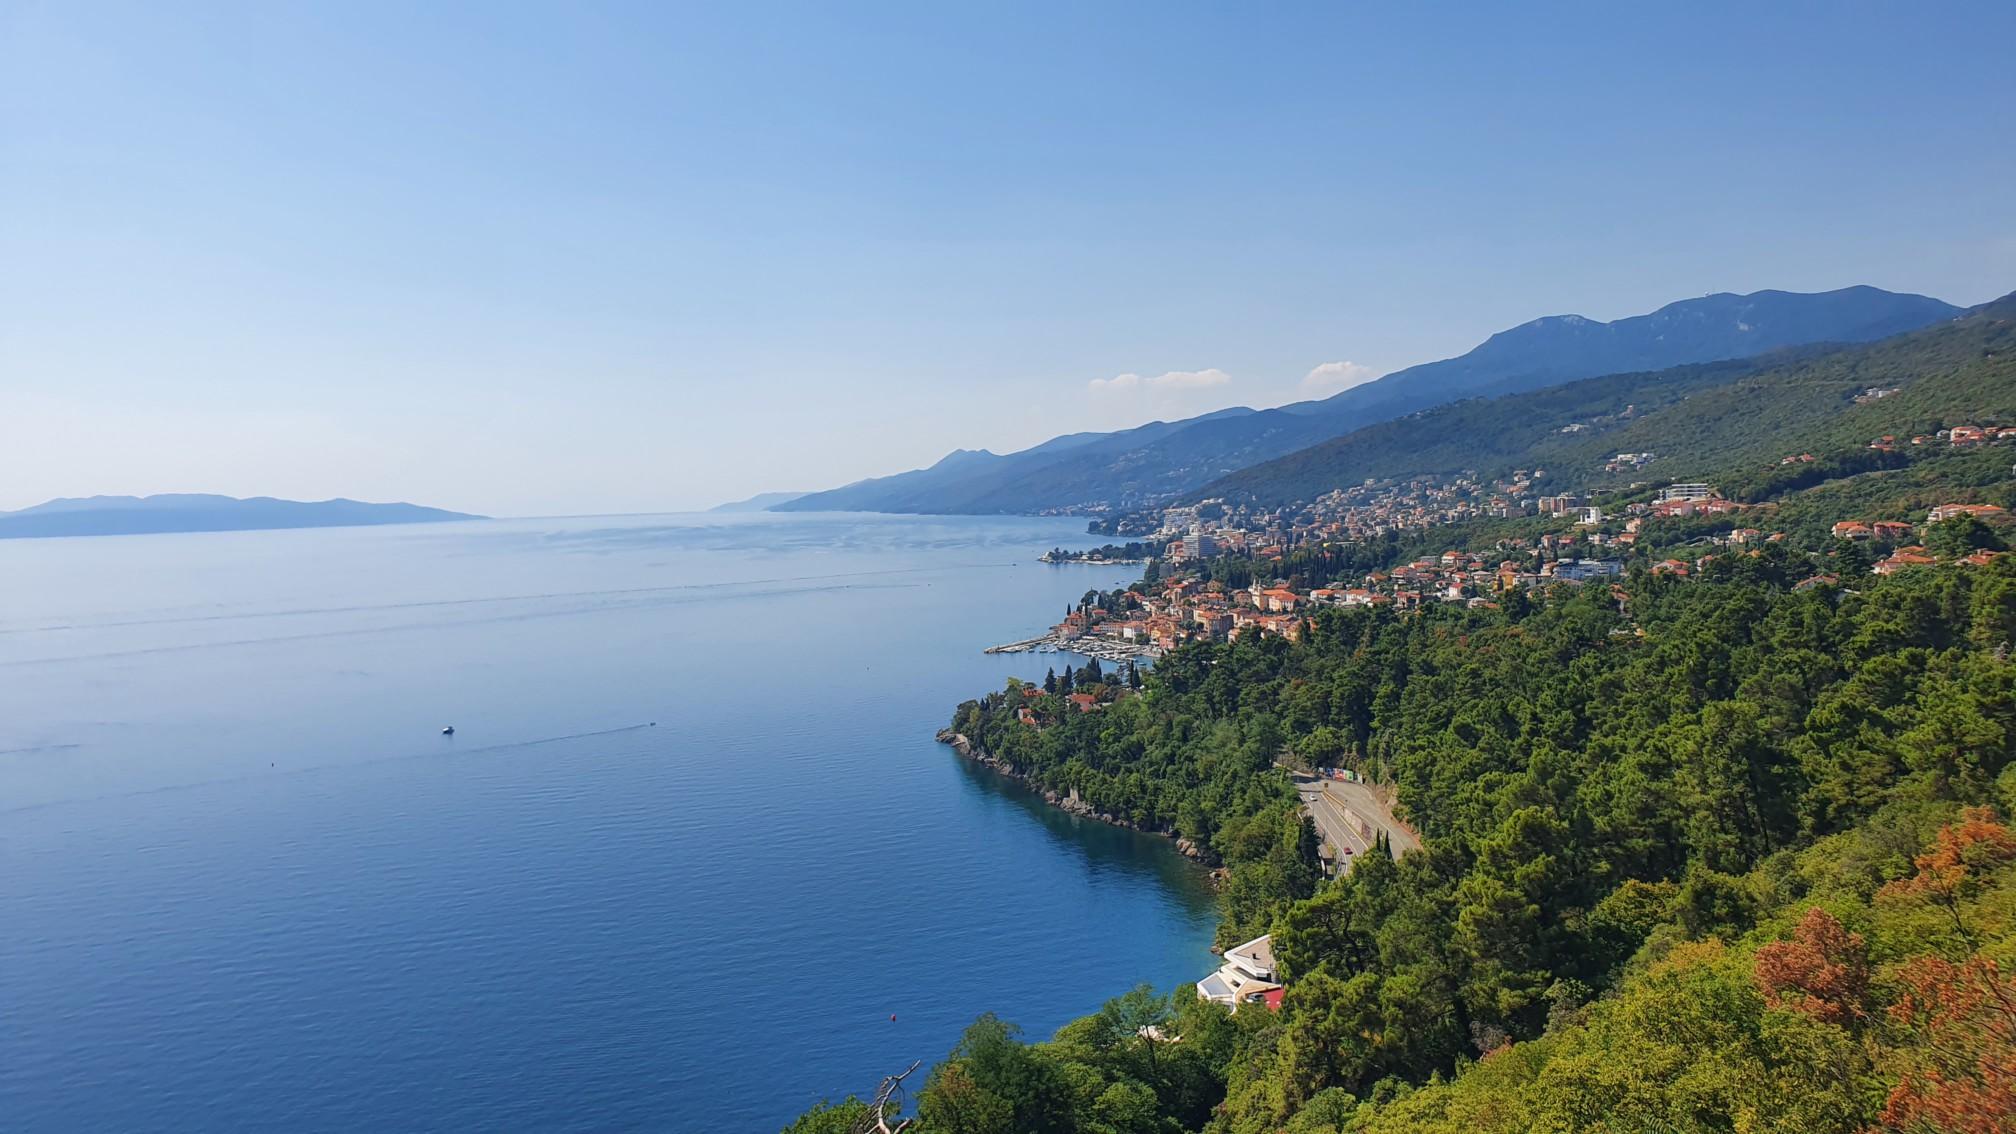 Istrische Westküste Blick nach Süden